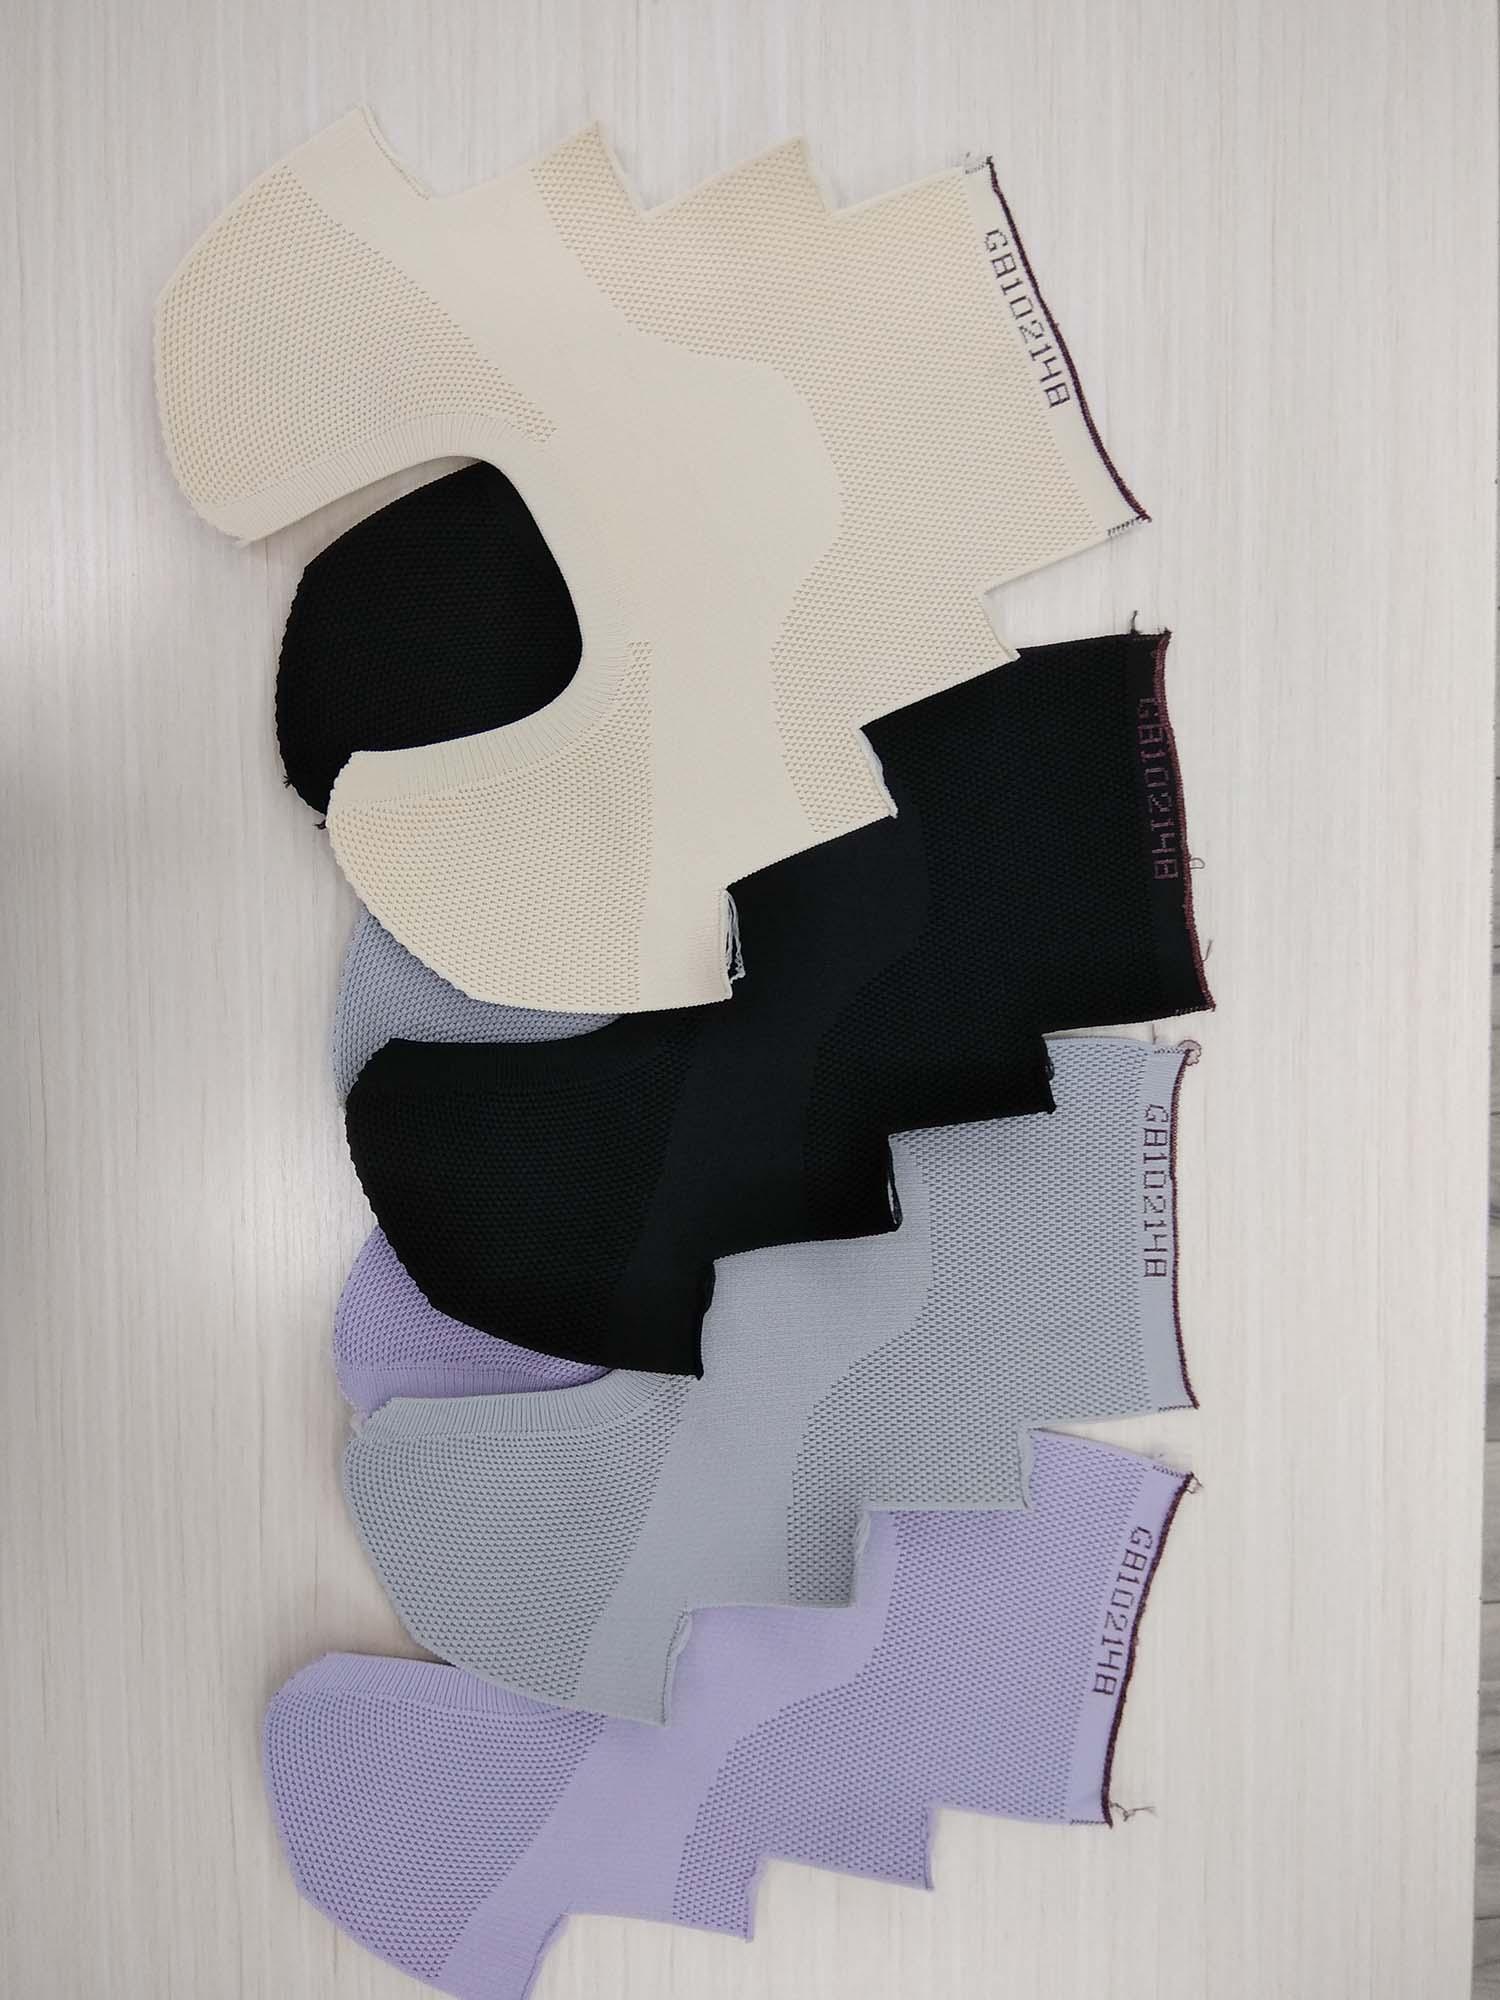 朗鑫汉马G8102148环保舒适 轻巧涤纶 轻便防滑 3D飞织